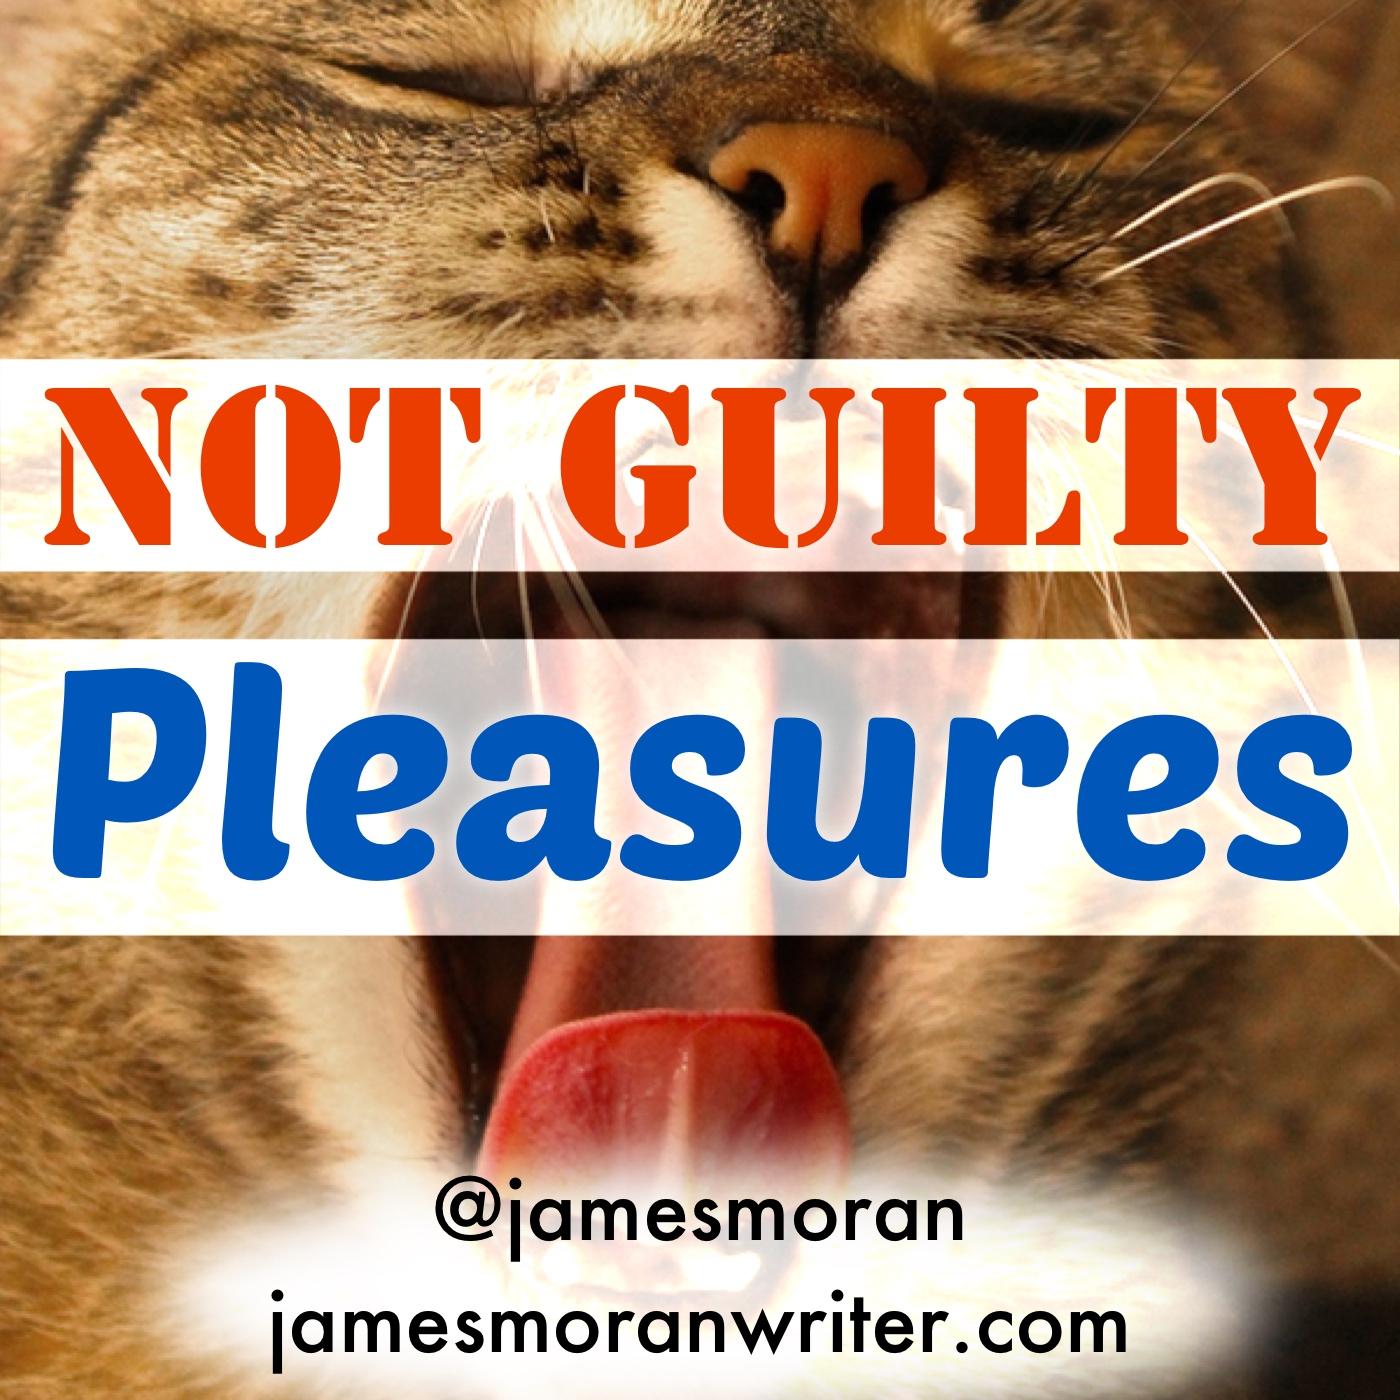 Not Guilty Pleasures